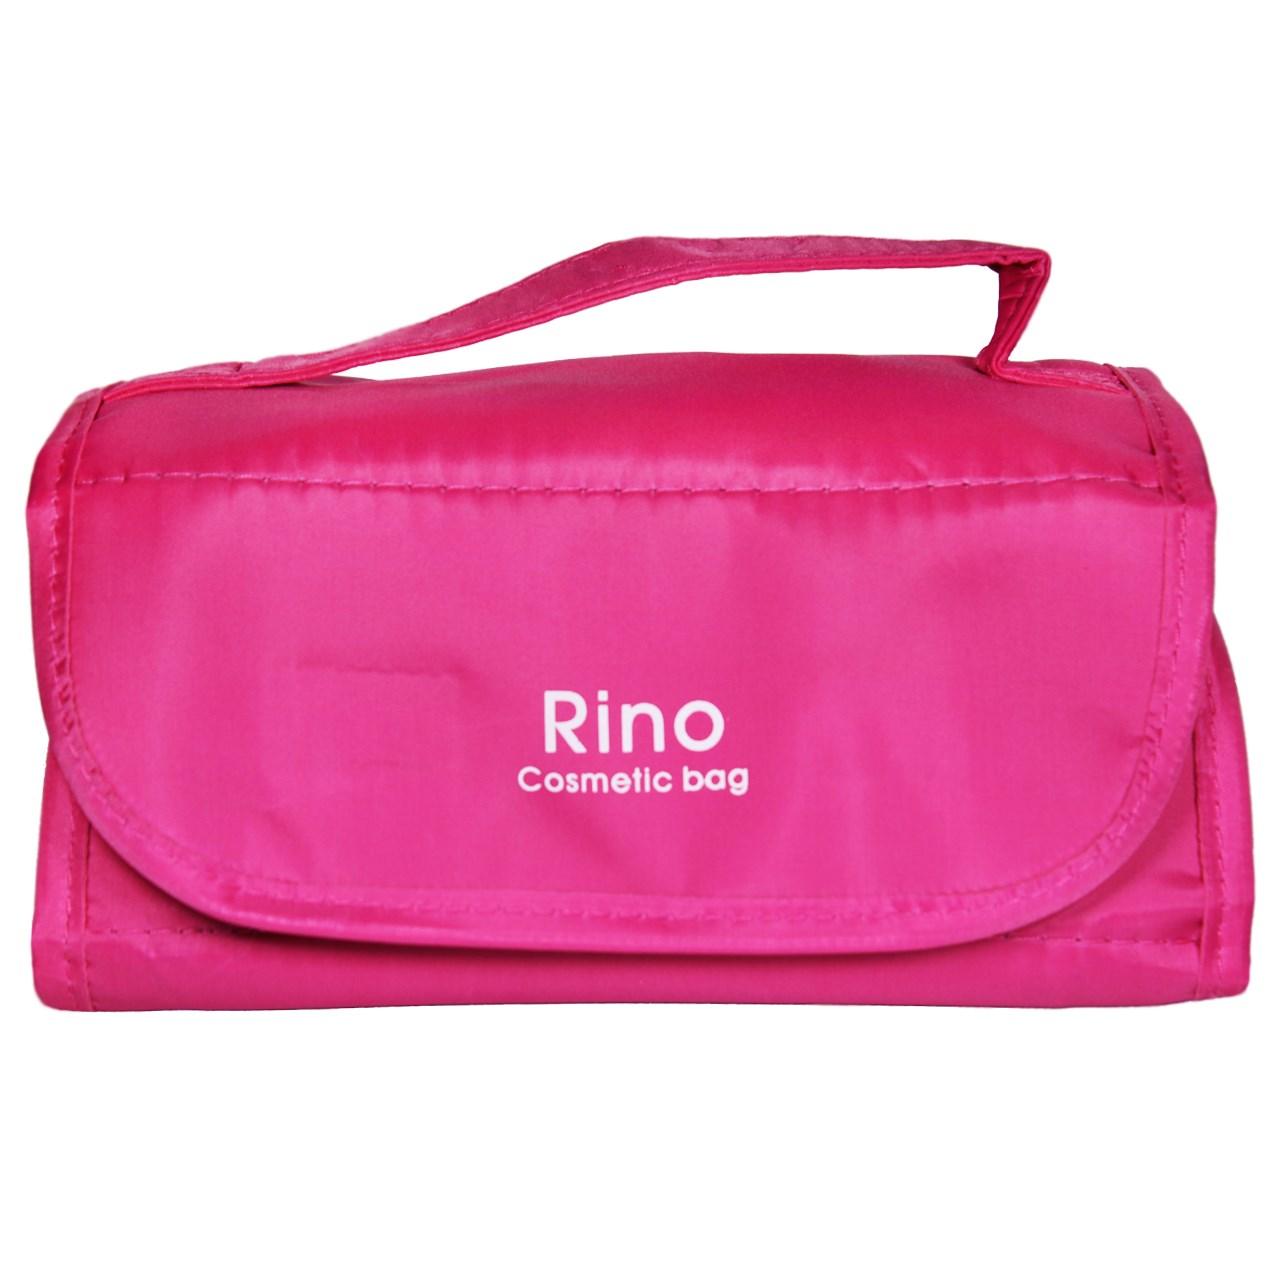 قیمت کیف لوازم آرایش مدل Rino کد 02